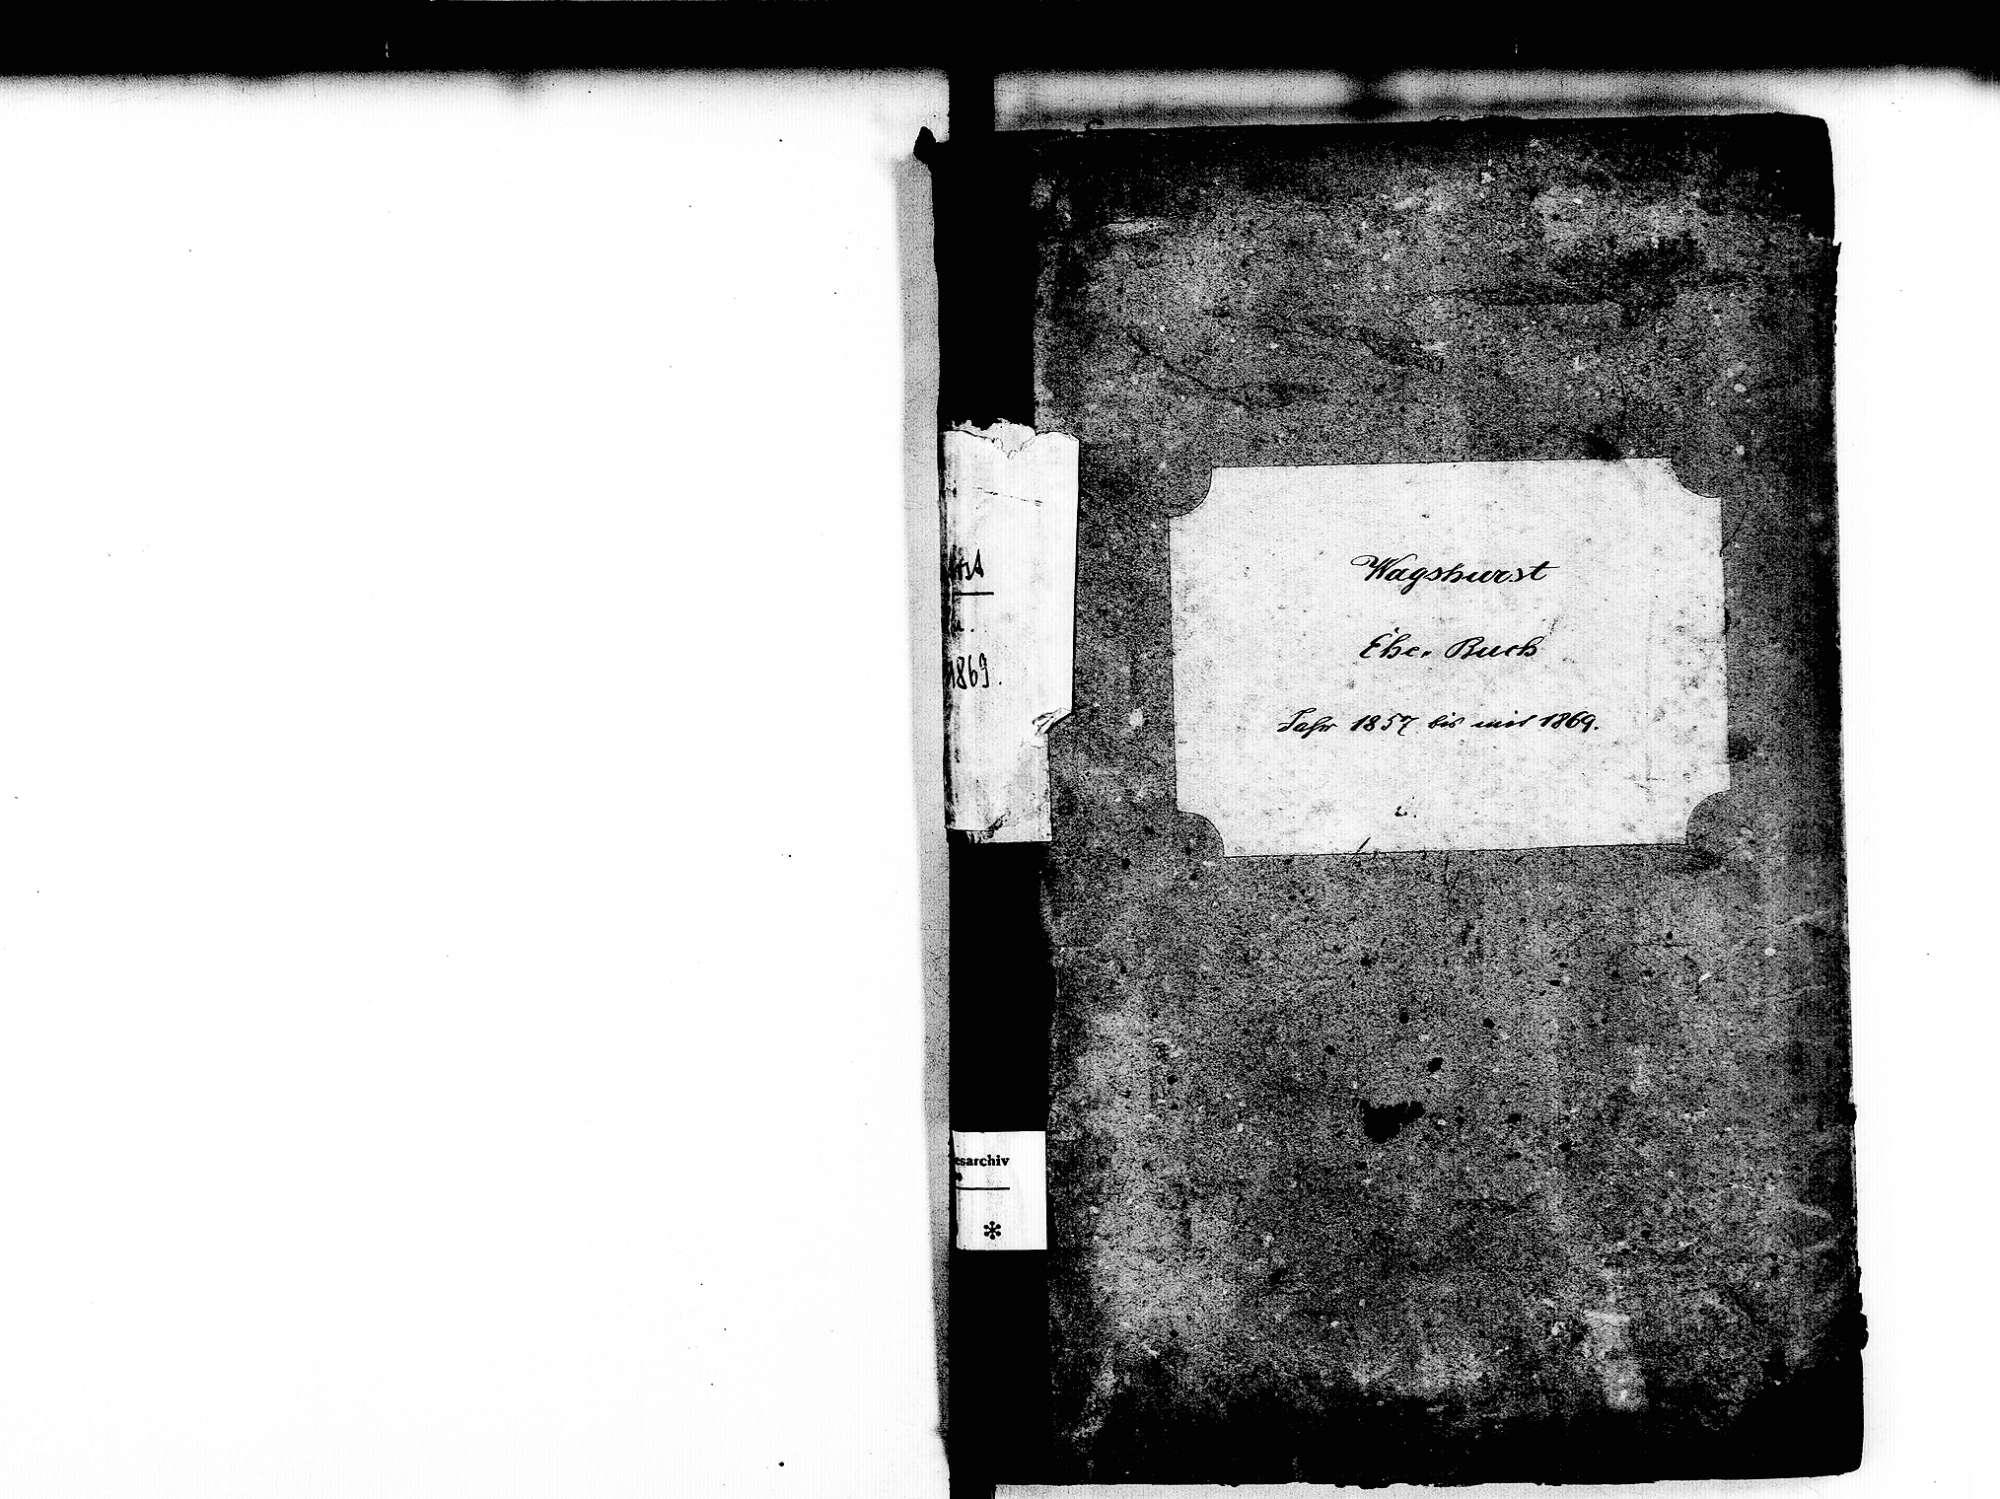 Wagshurst, Achern OG; Katholische Gemeinde: Heiratsbuch 1857-1869, Bild 2